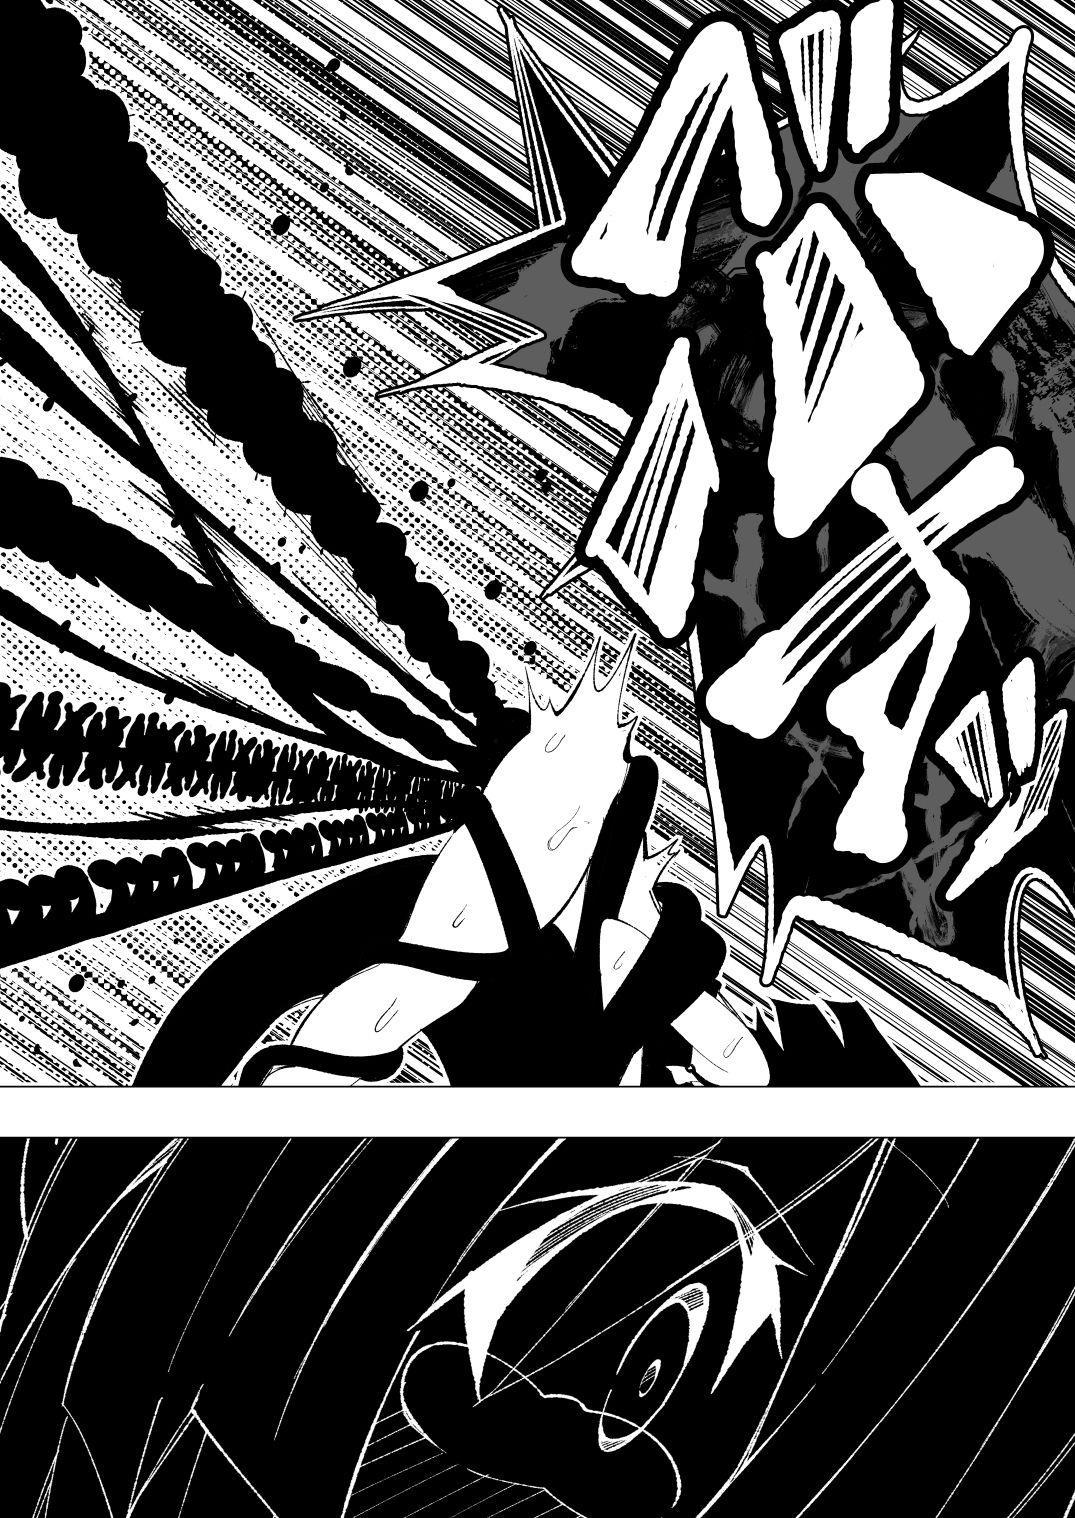 Ishu kan fūzoku-gai3 shokubutsu shokushu × rori 33